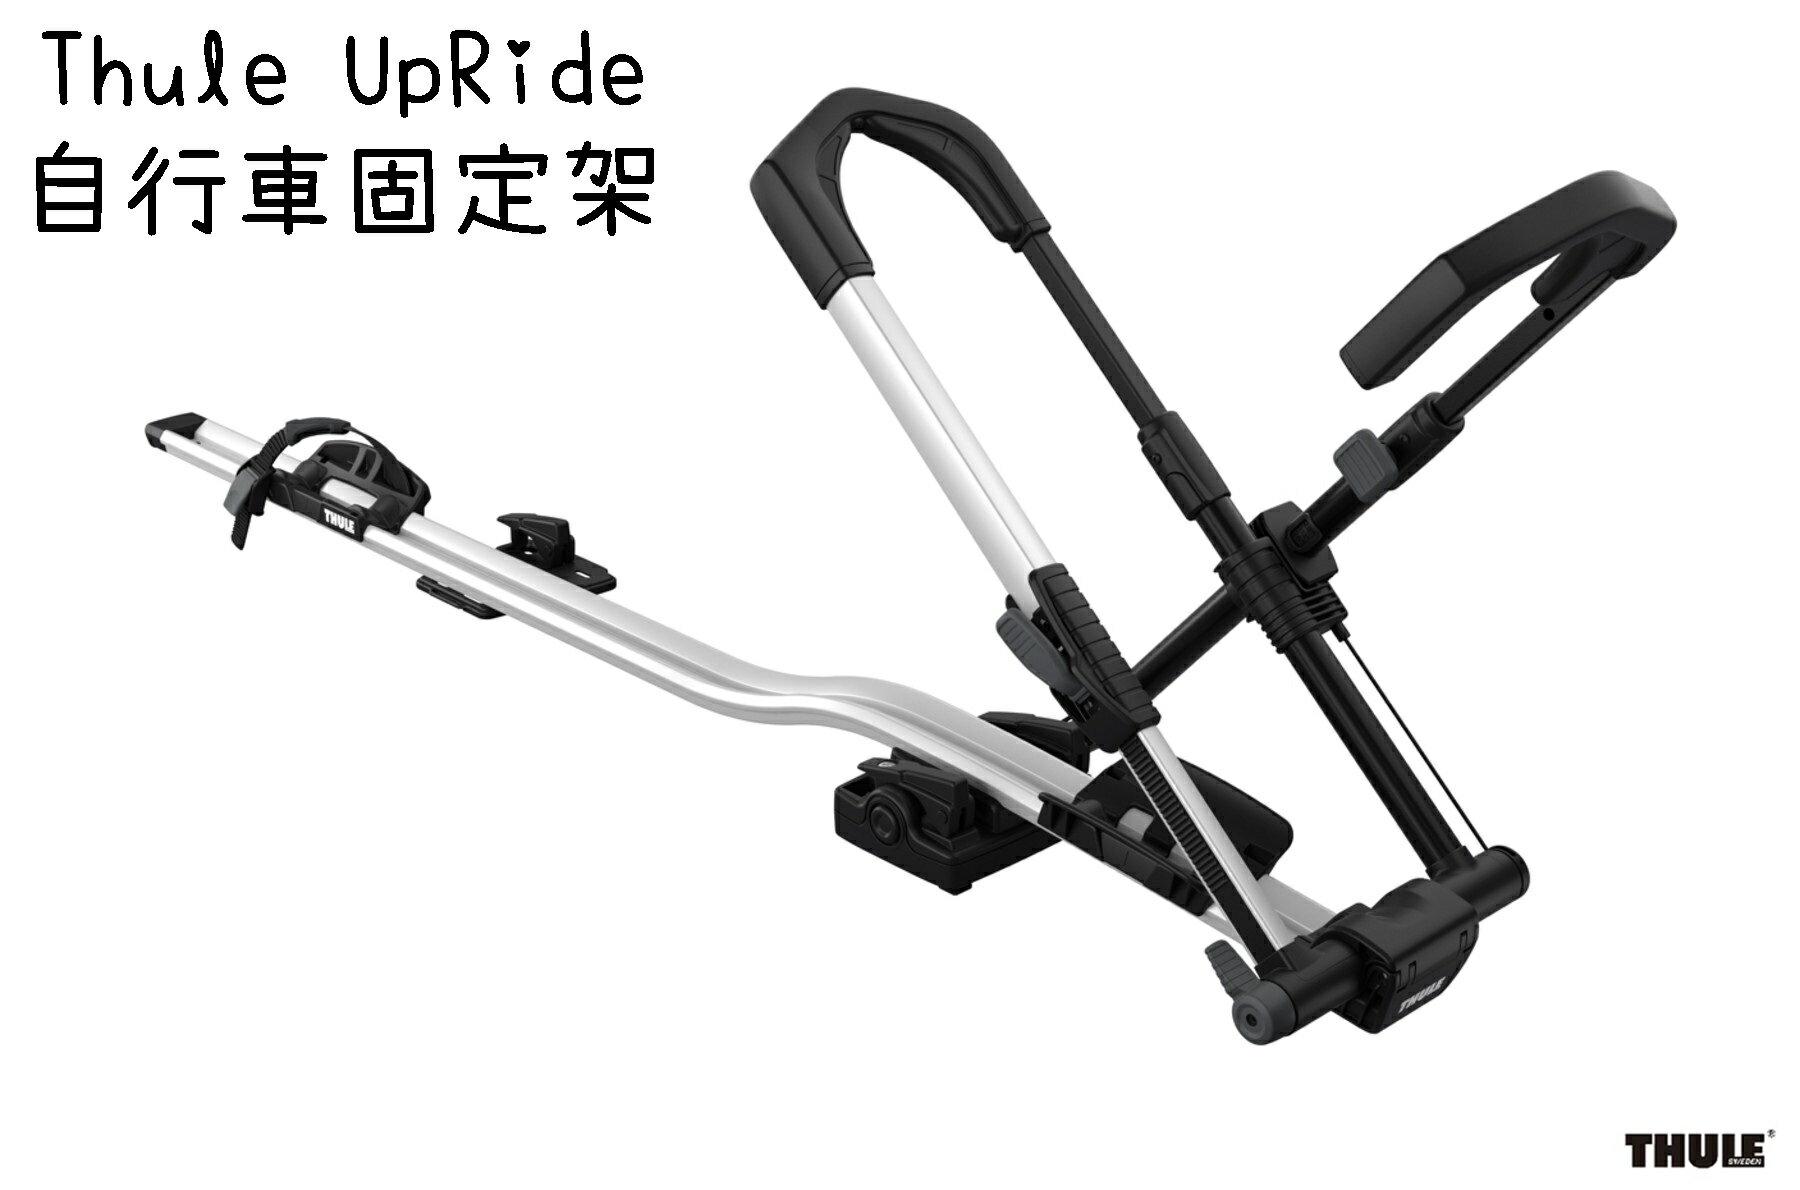 【野道家】Thule UpRide 自行車固定架 攜車架 #599